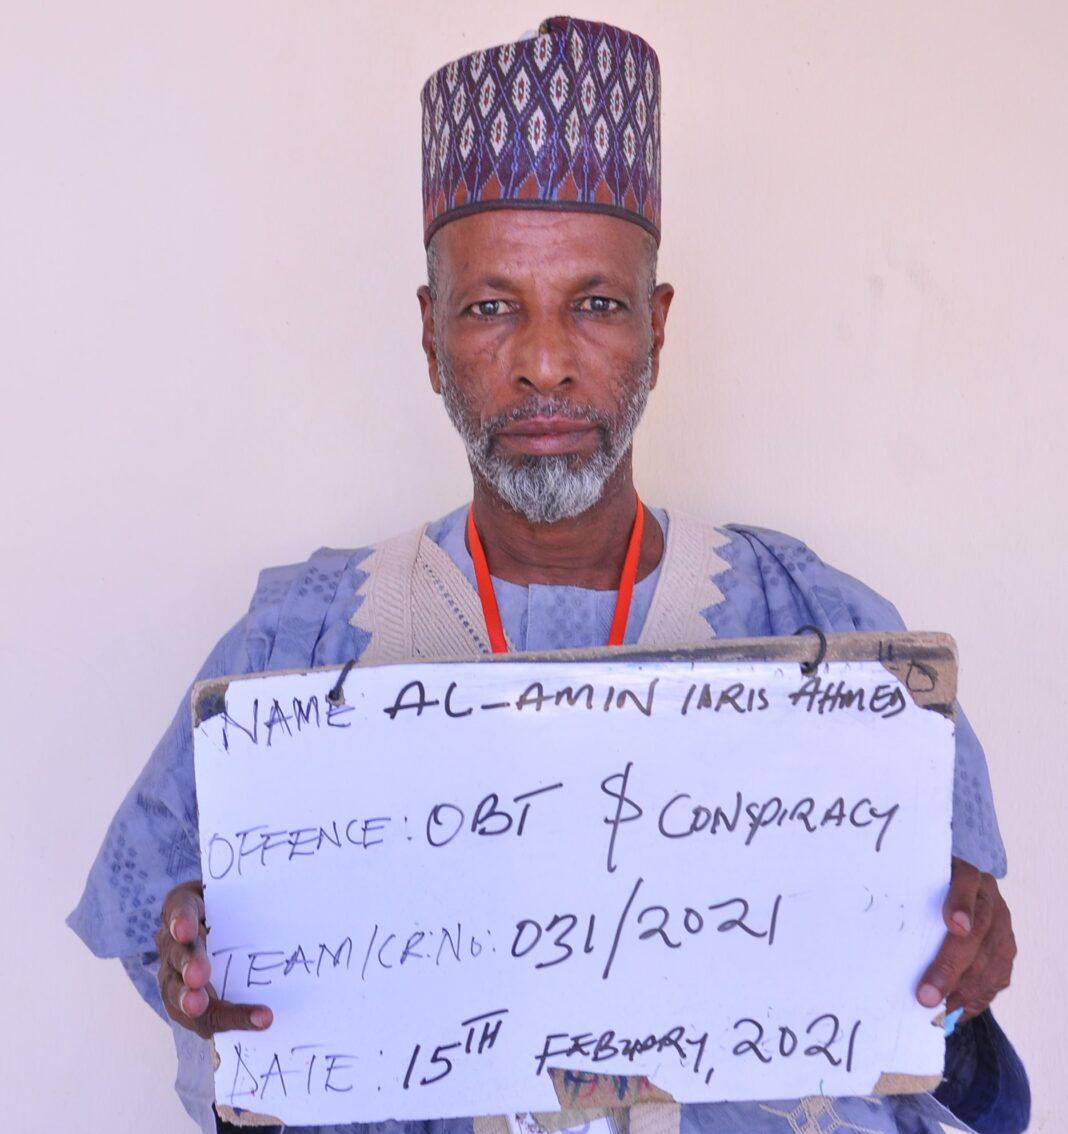 Al-ameen Idris